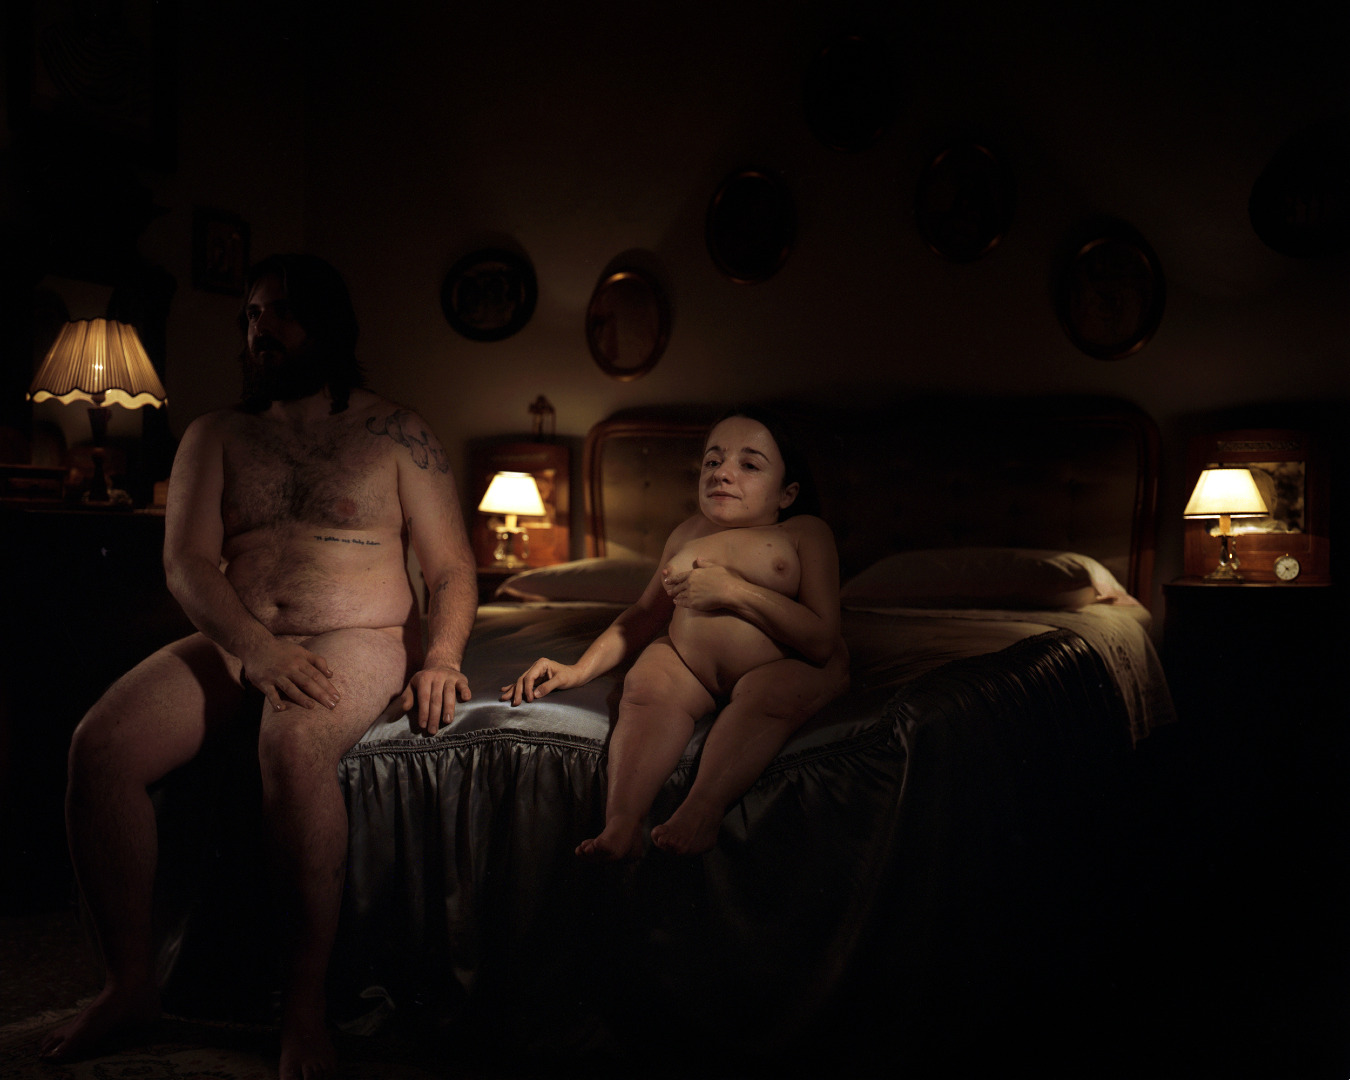 Секс сексуальная жизнь людей с ограниченными возможностями битони анус